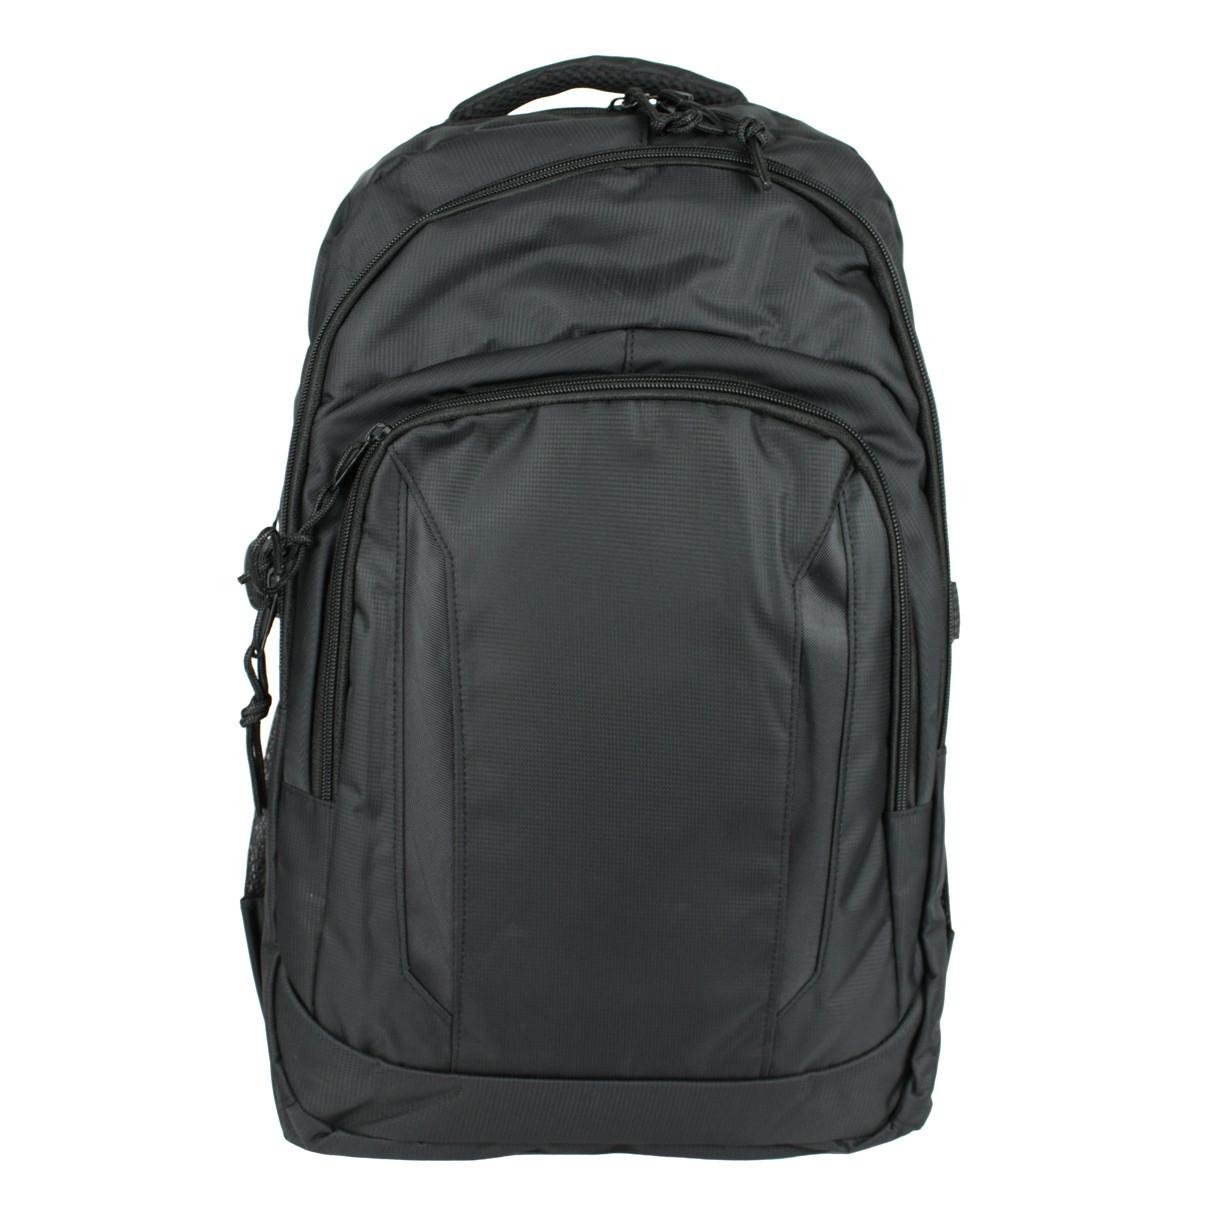 Рюкзак міський універсальний повсякденний тканинний чорний